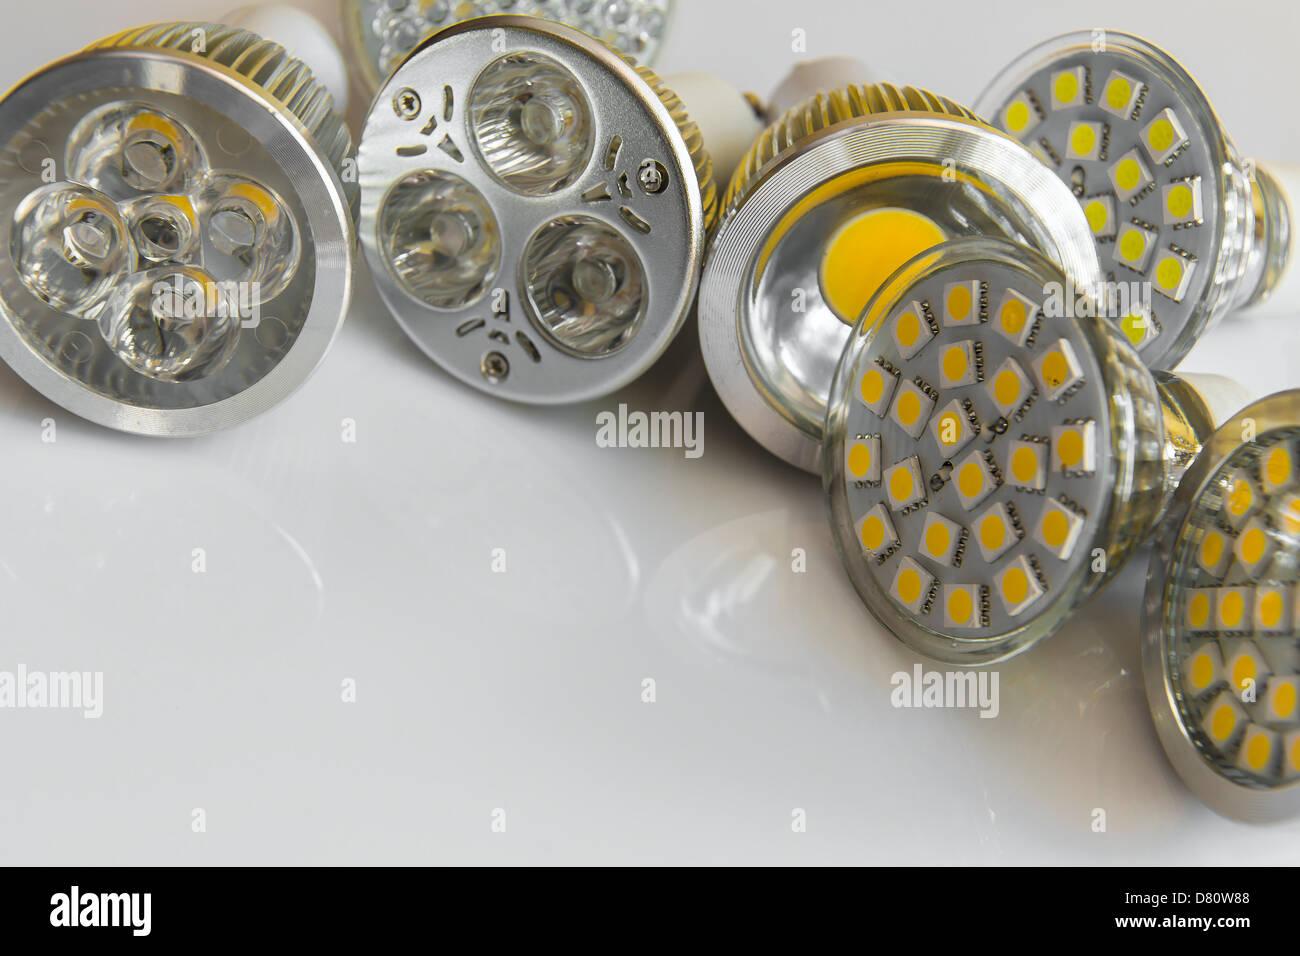 Was bei umstellung auf led leuchtmittel zu beachten ist mielke